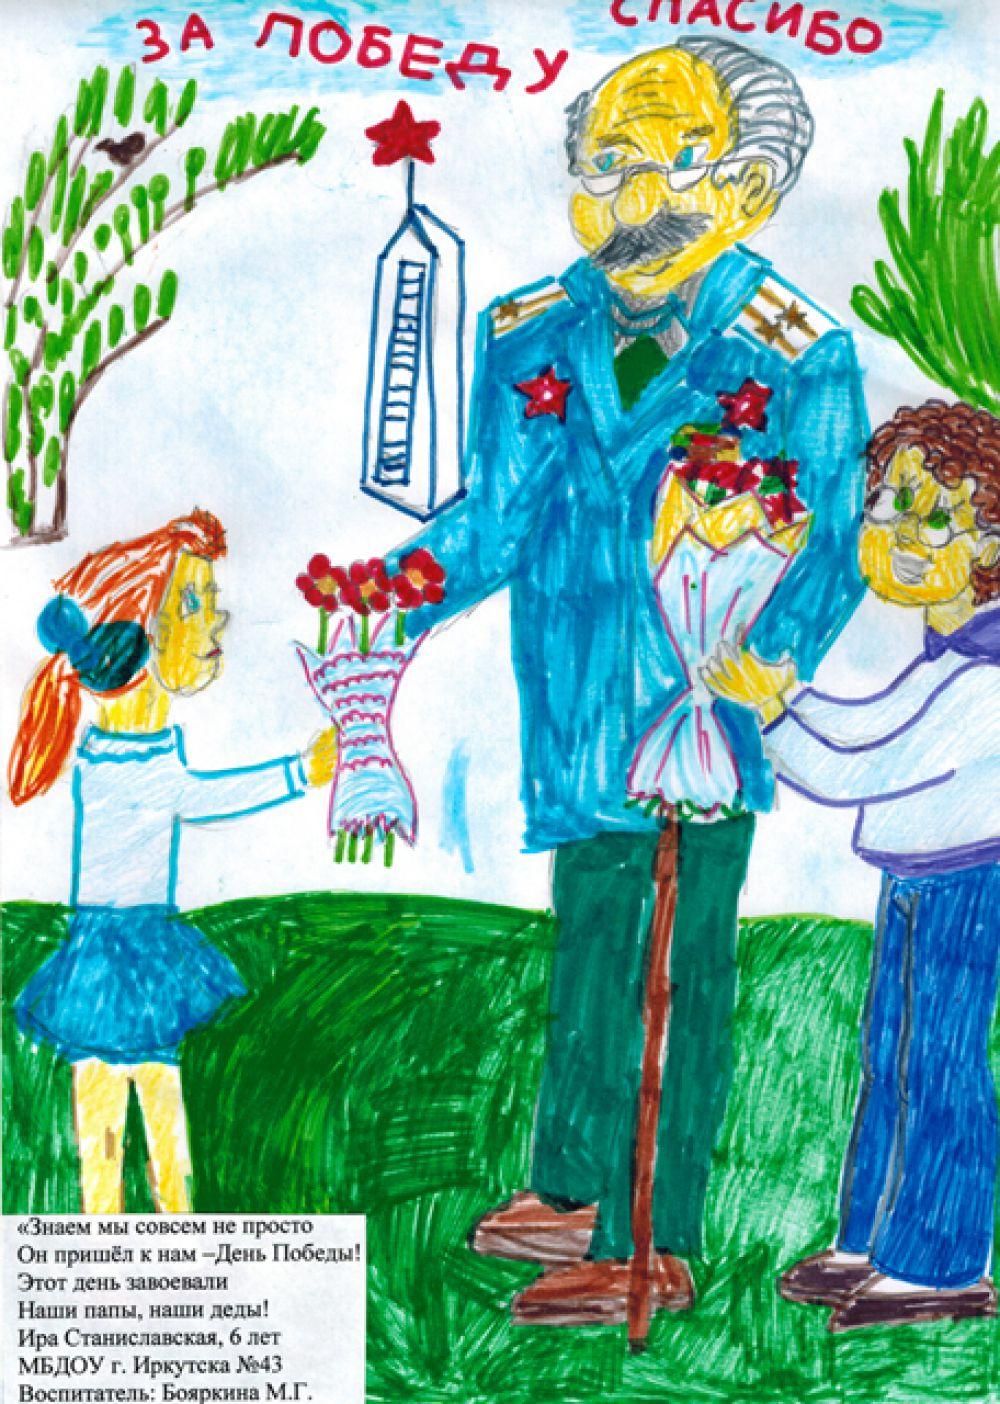 Участник №150. Станичлавская Ира, детский сад №43